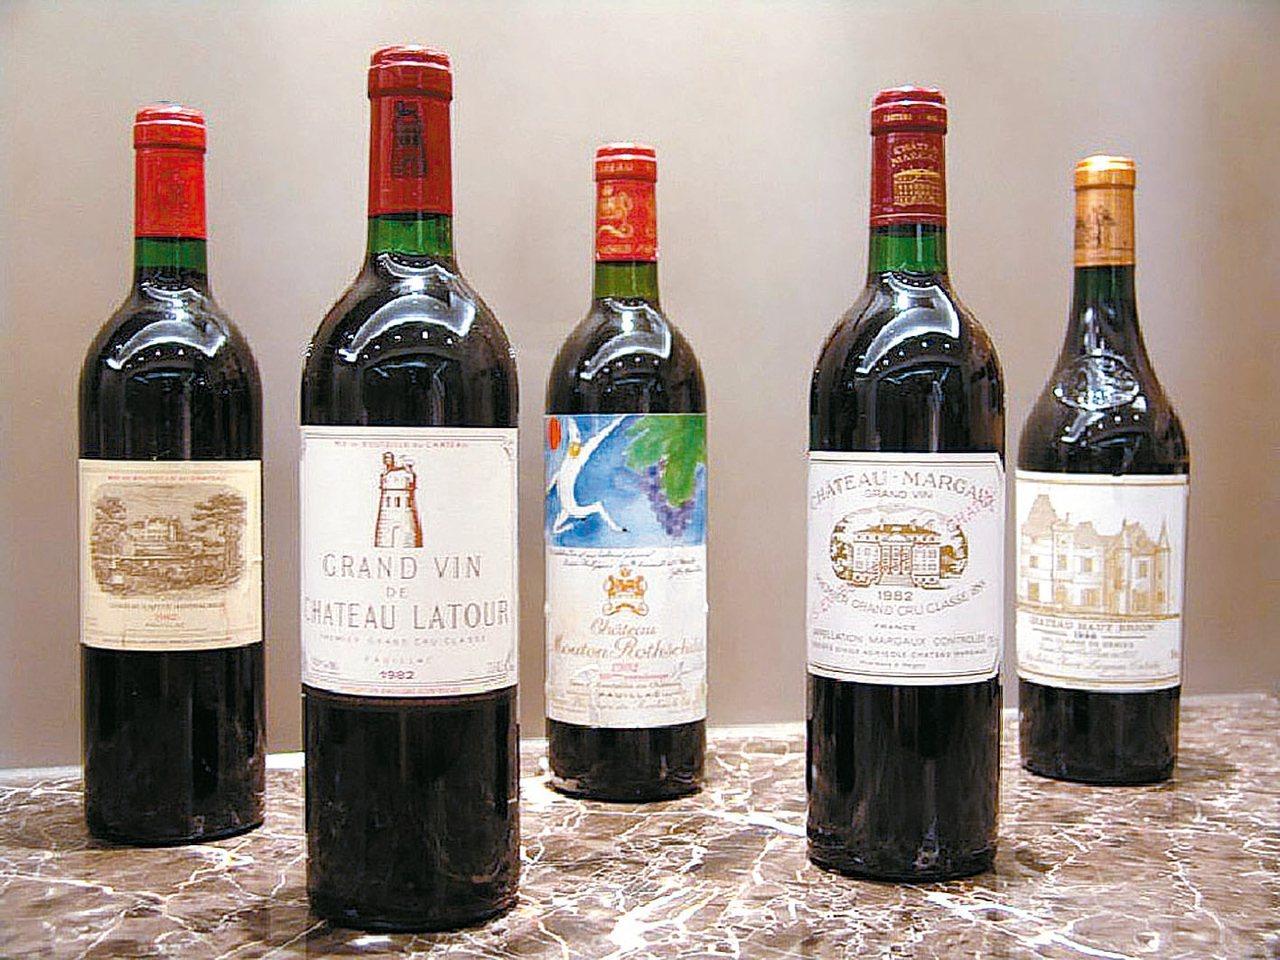 法國波爾多五大酒莊紅酒是拍場熱門款。 圖/本報資料照